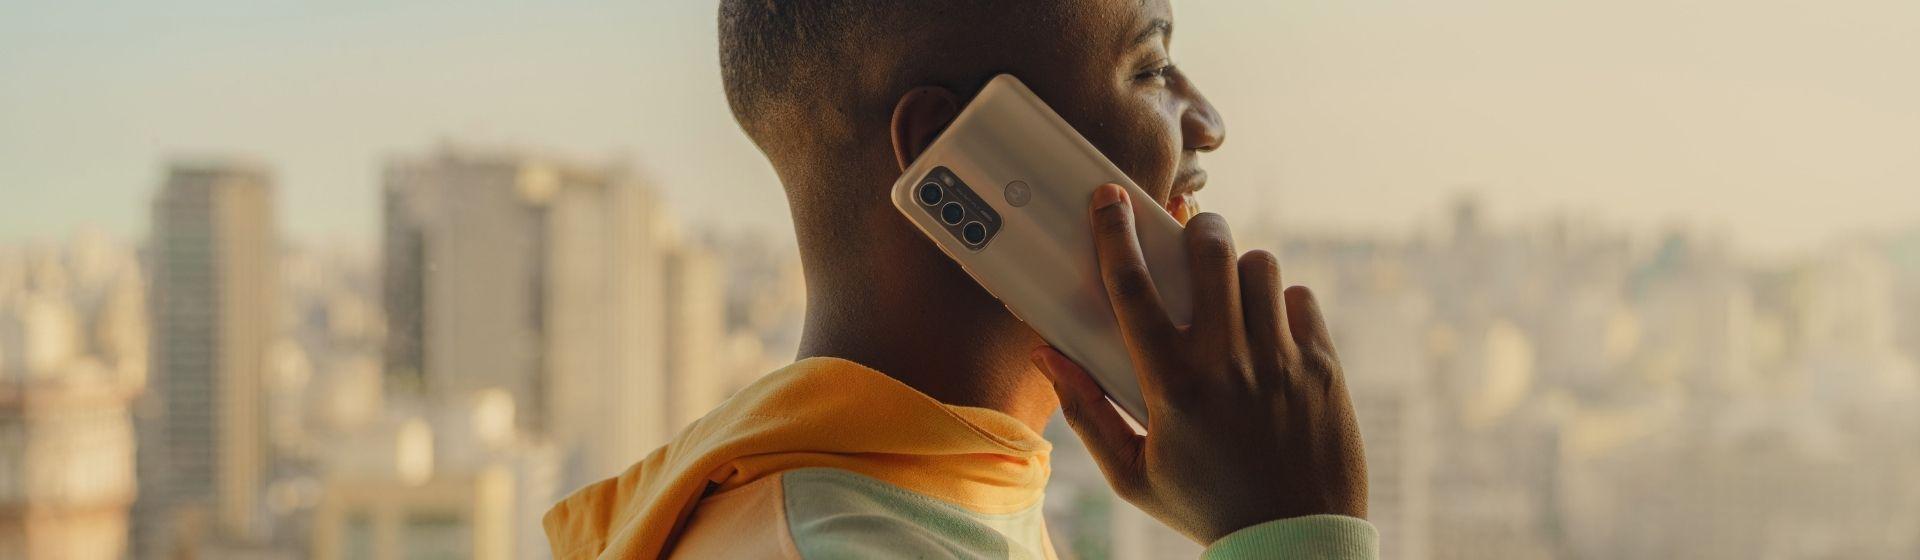 Moto G60: Motorola lança celular intermediário com câmera de 108 MP